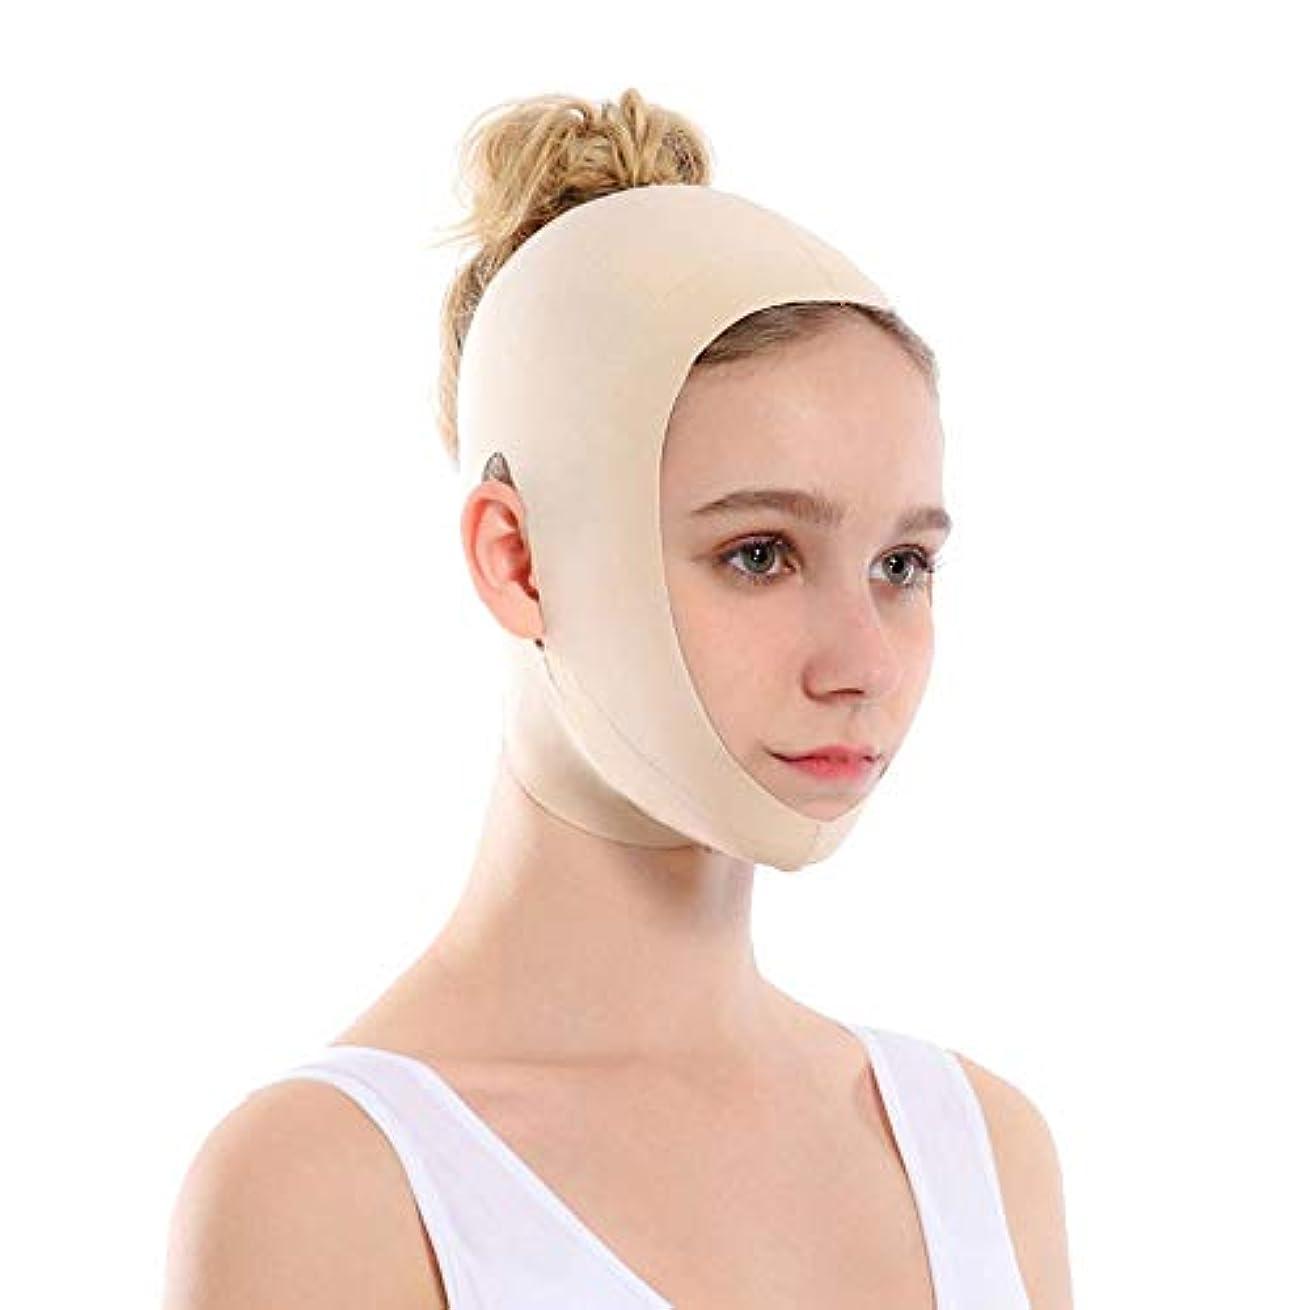 束落とし穴ブランド顔を持ち上げるアーティファクトVフェイス包帯リフティング引き締め睡眠薄い顔を整形持ち上げる顔を二重あご矯正 - 肌の色